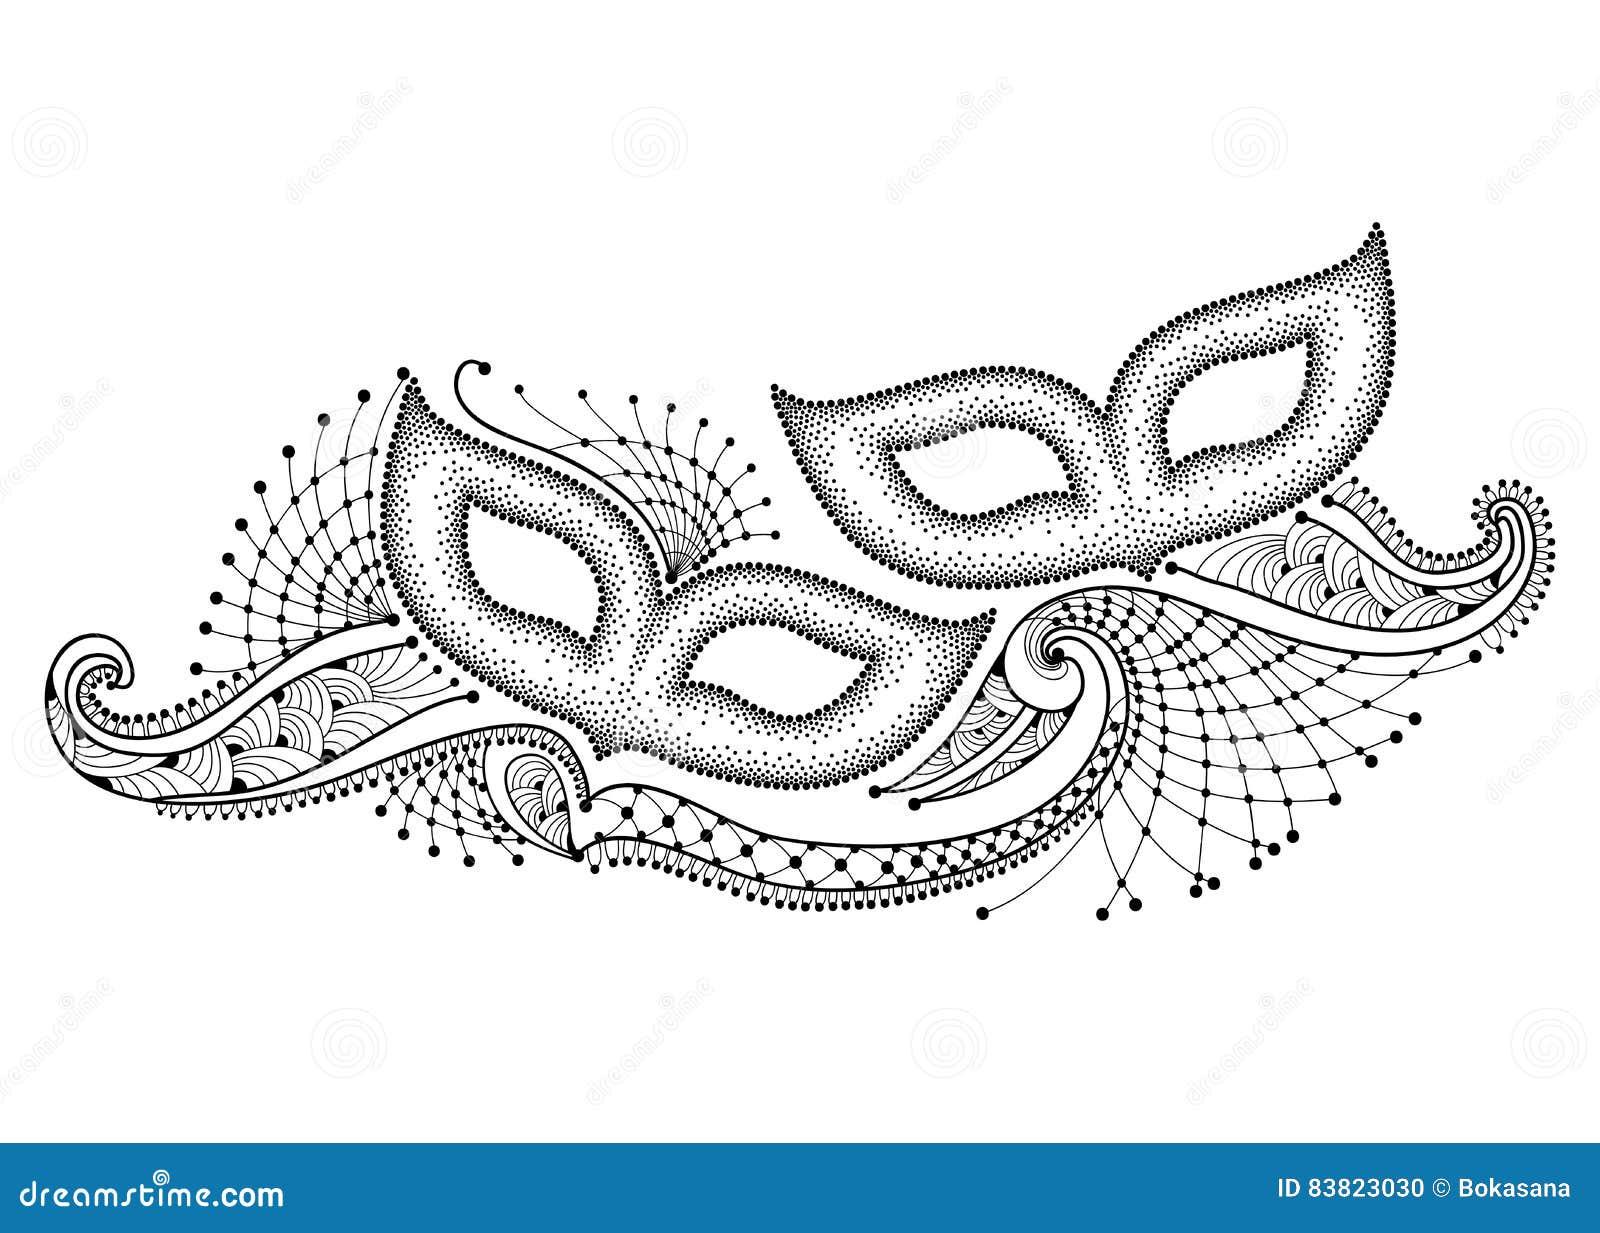 vectortekening met twee gestippeld carnaval masker en